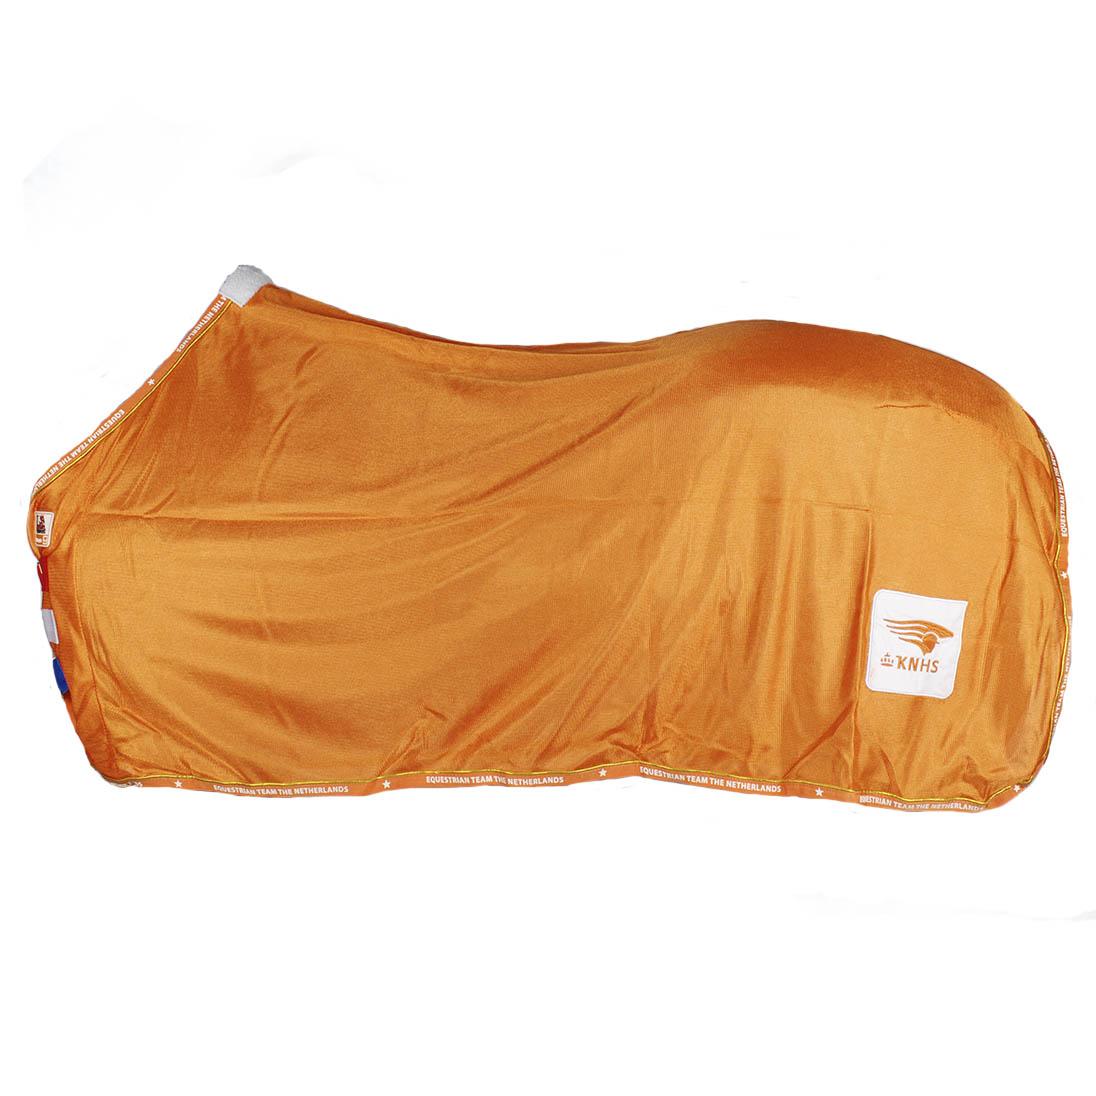 KNHS Vliegendeken III oranje maat:205